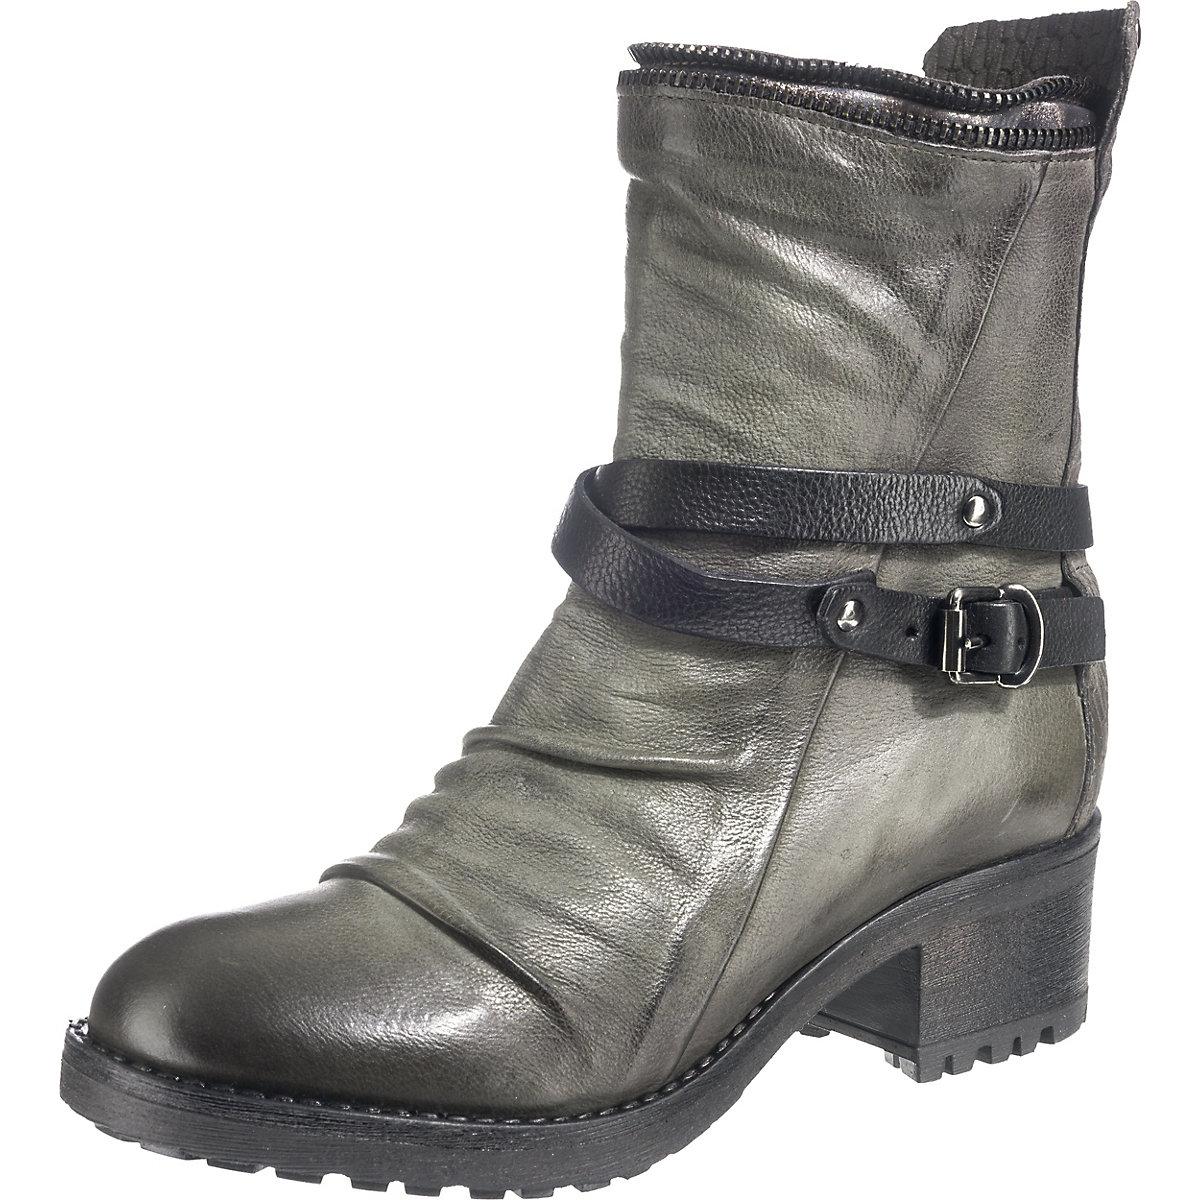 JOLANA & FENENA, Klassische Stiefeletten, grau  Gute Qualität beliebte Schuhe